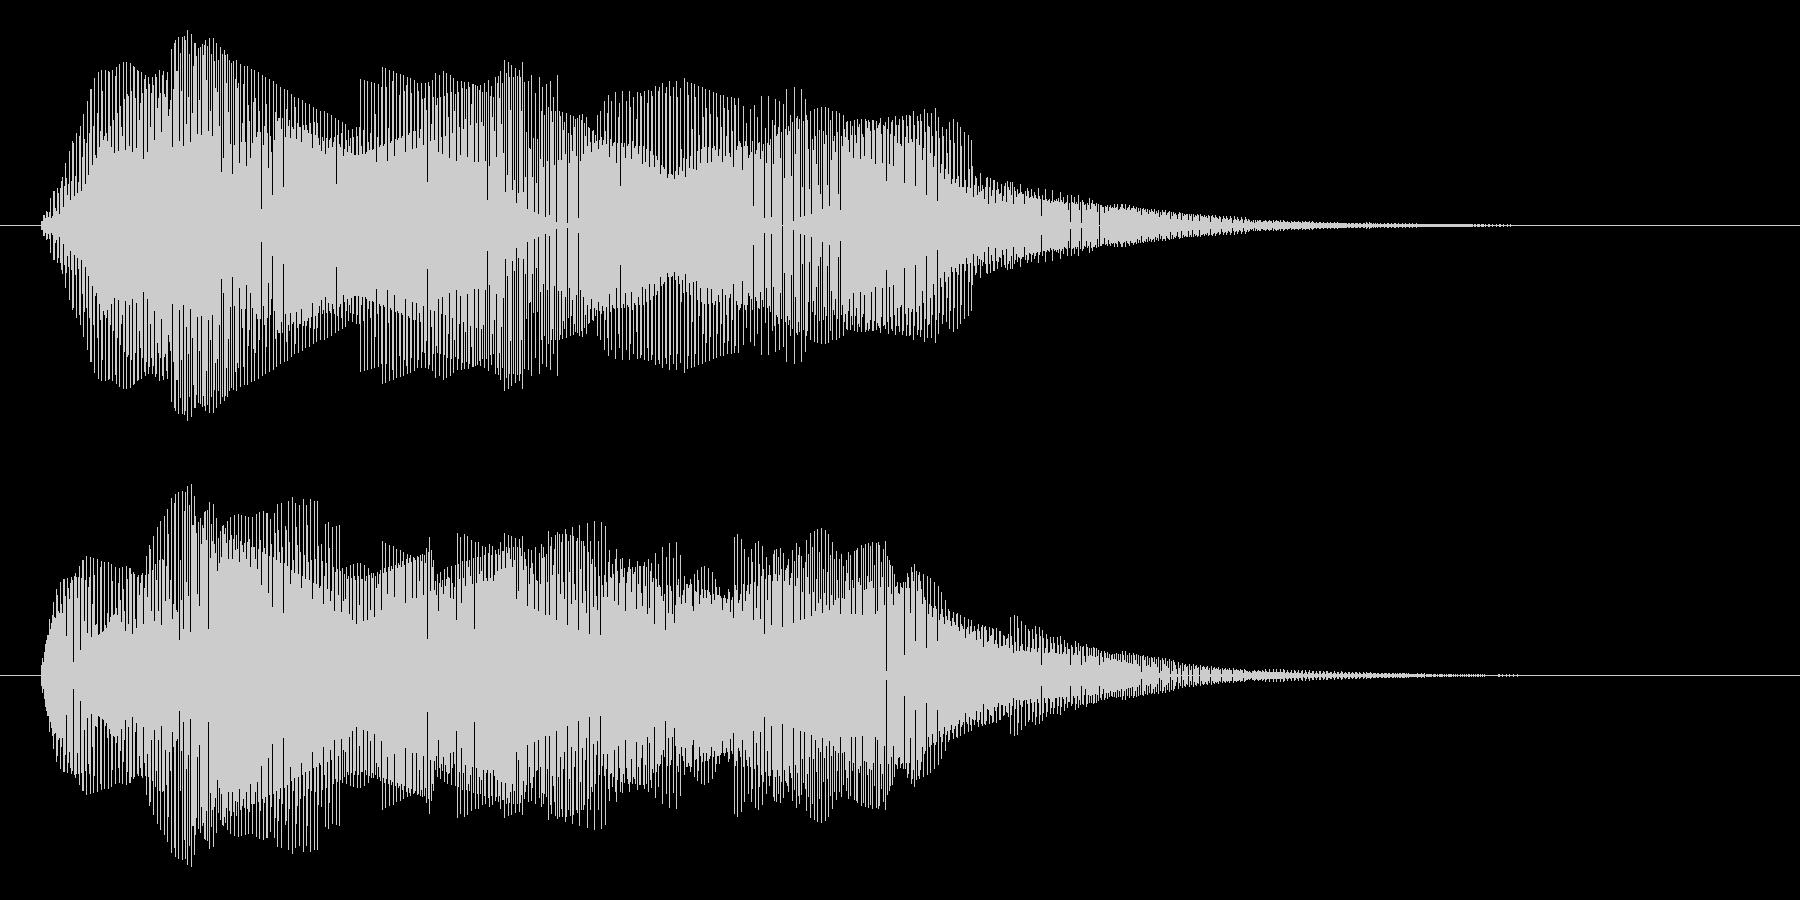 ブォァーーーンの未再生の波形